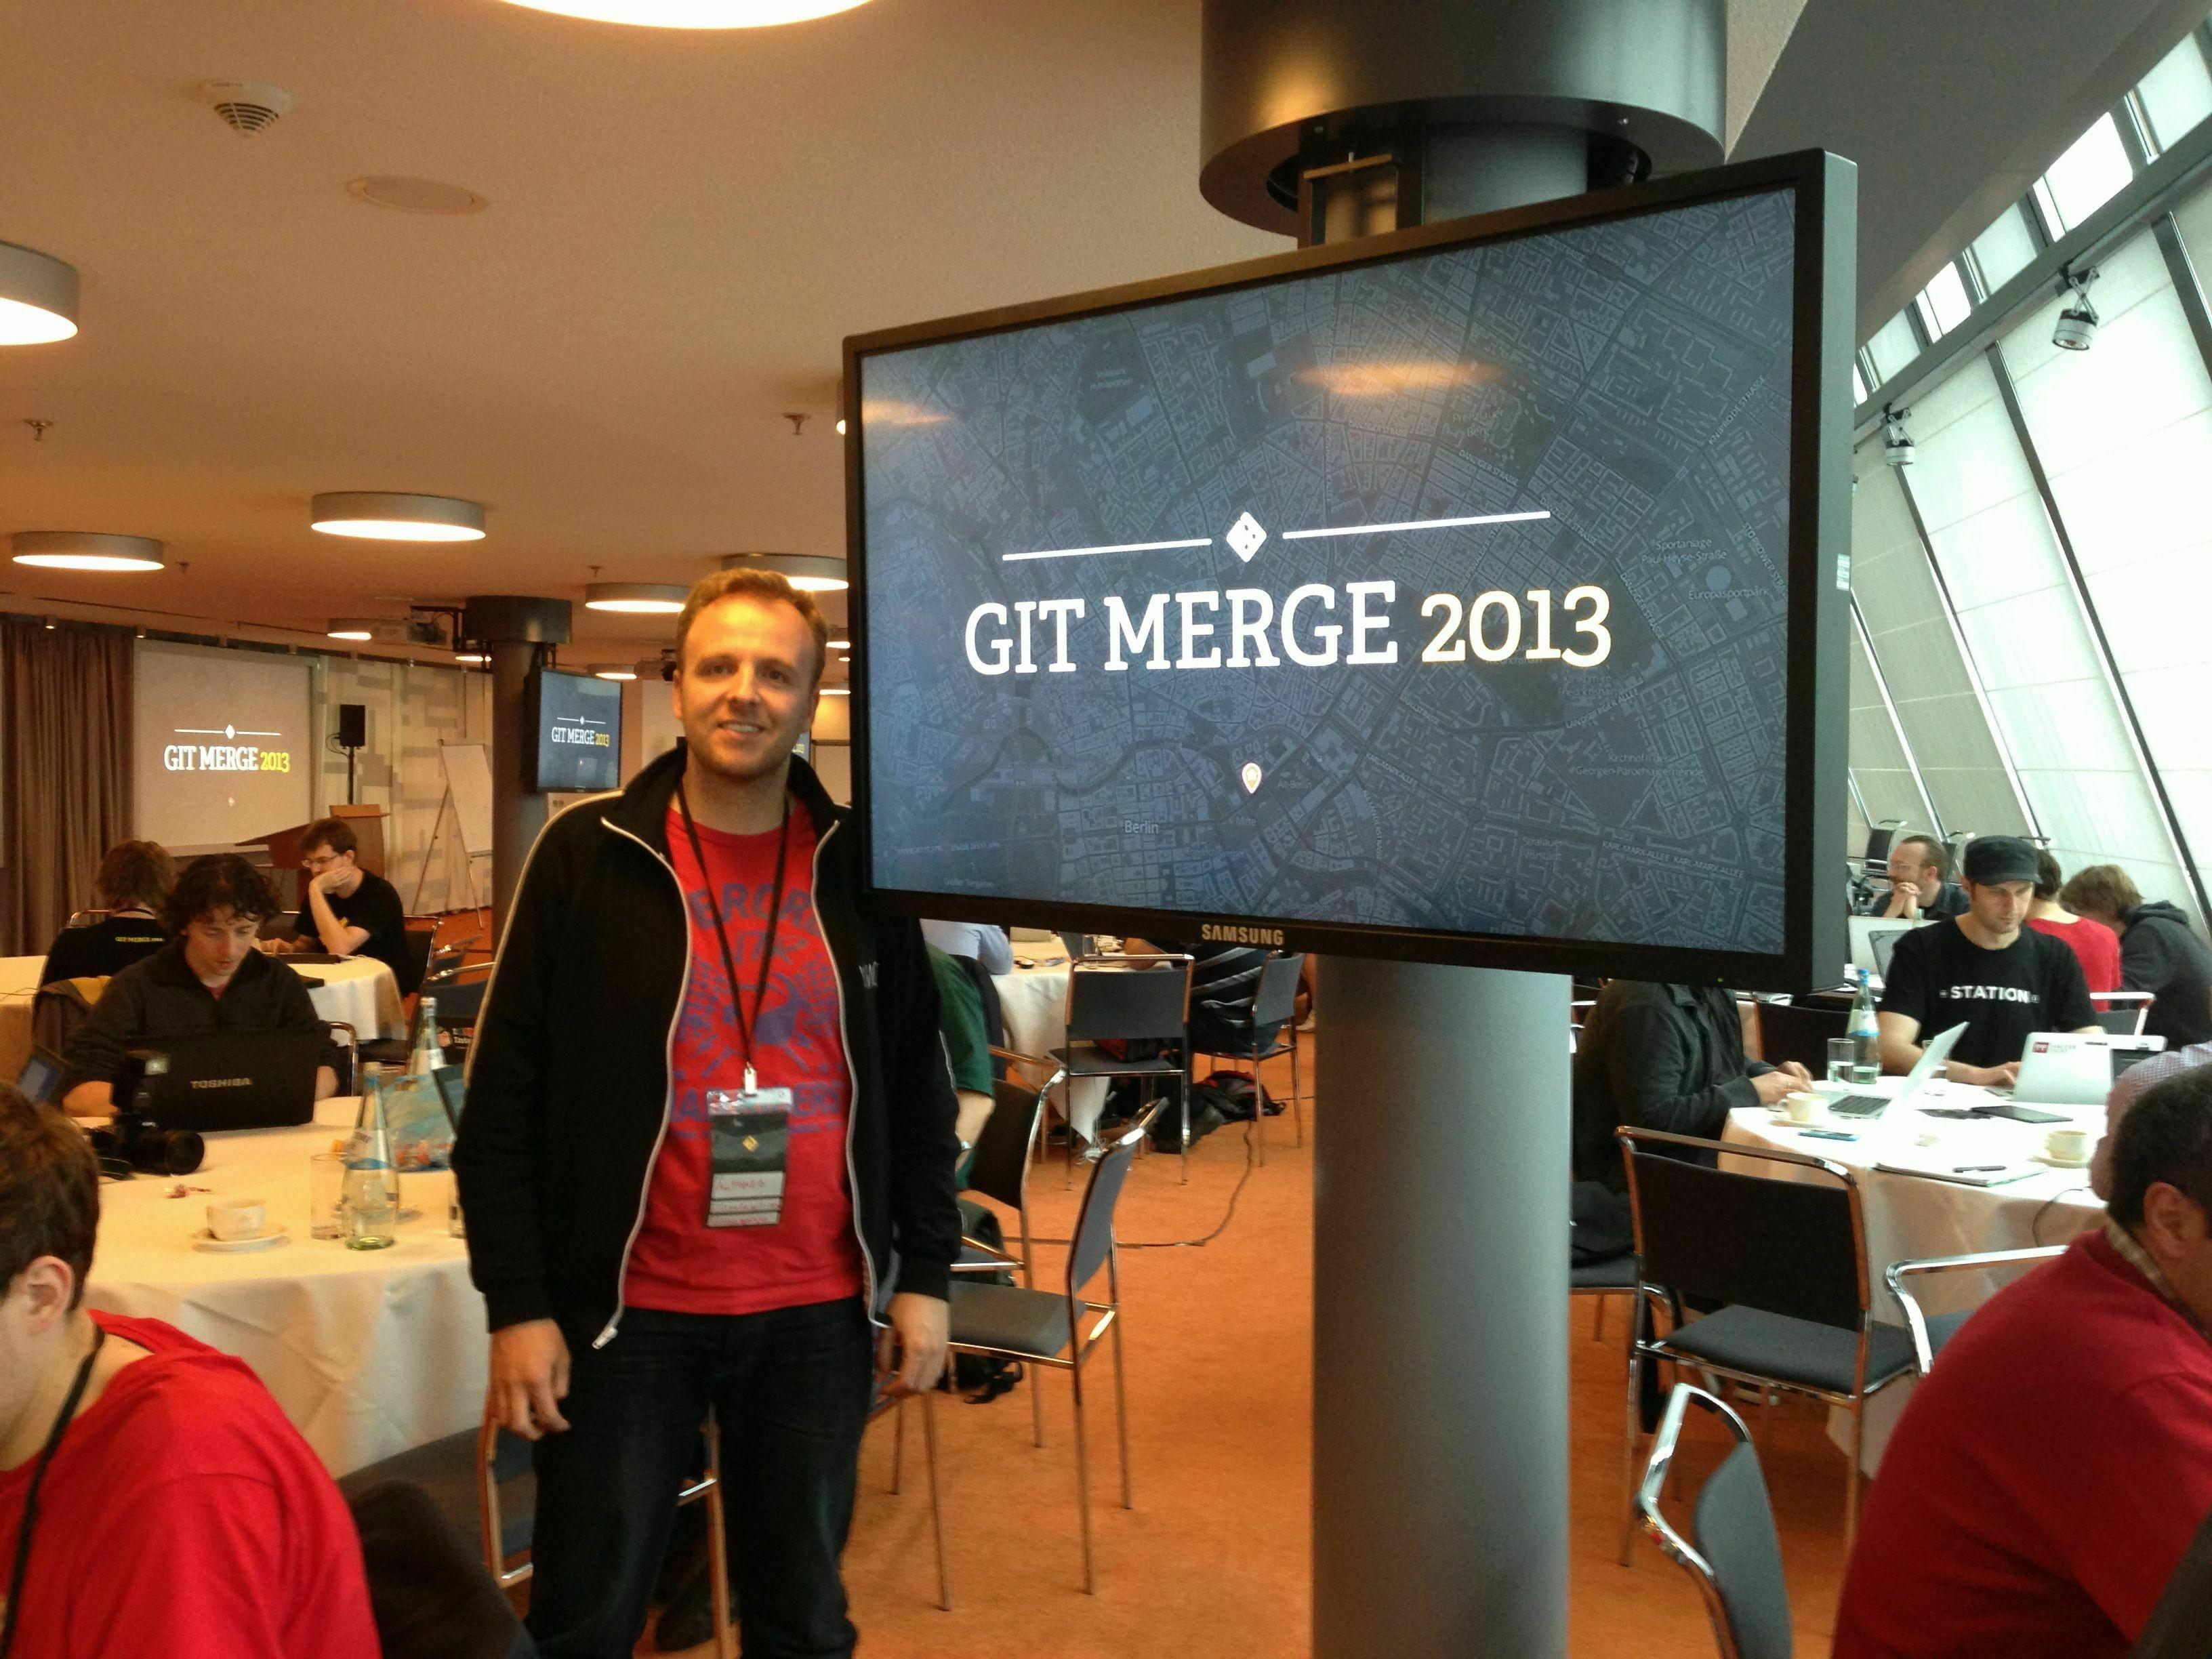 git-merge 2013